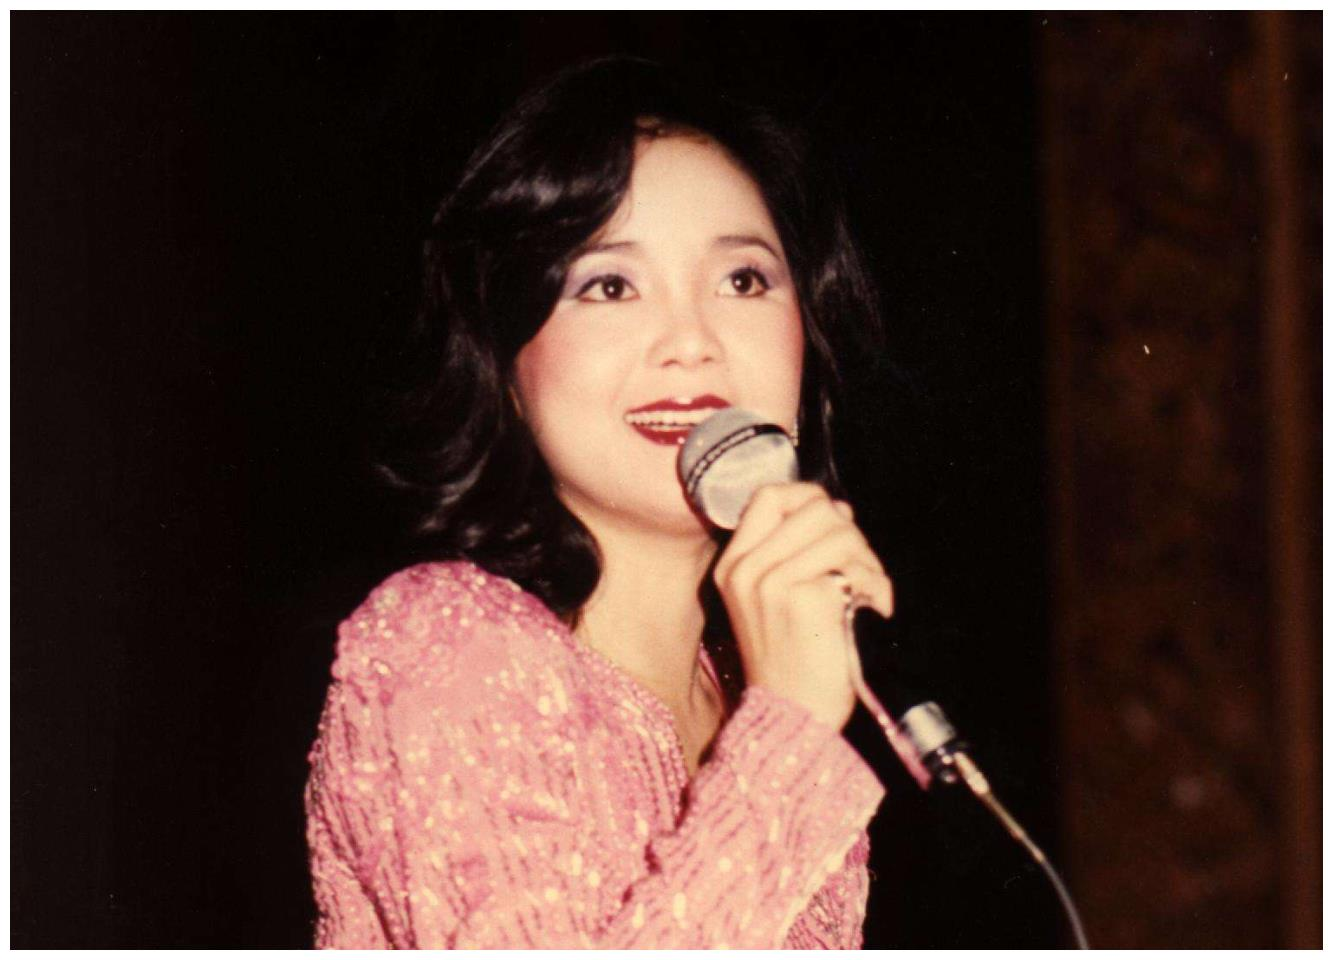 音乐实力超强的十位歌手, 王菲第八, 陈奕迅第九